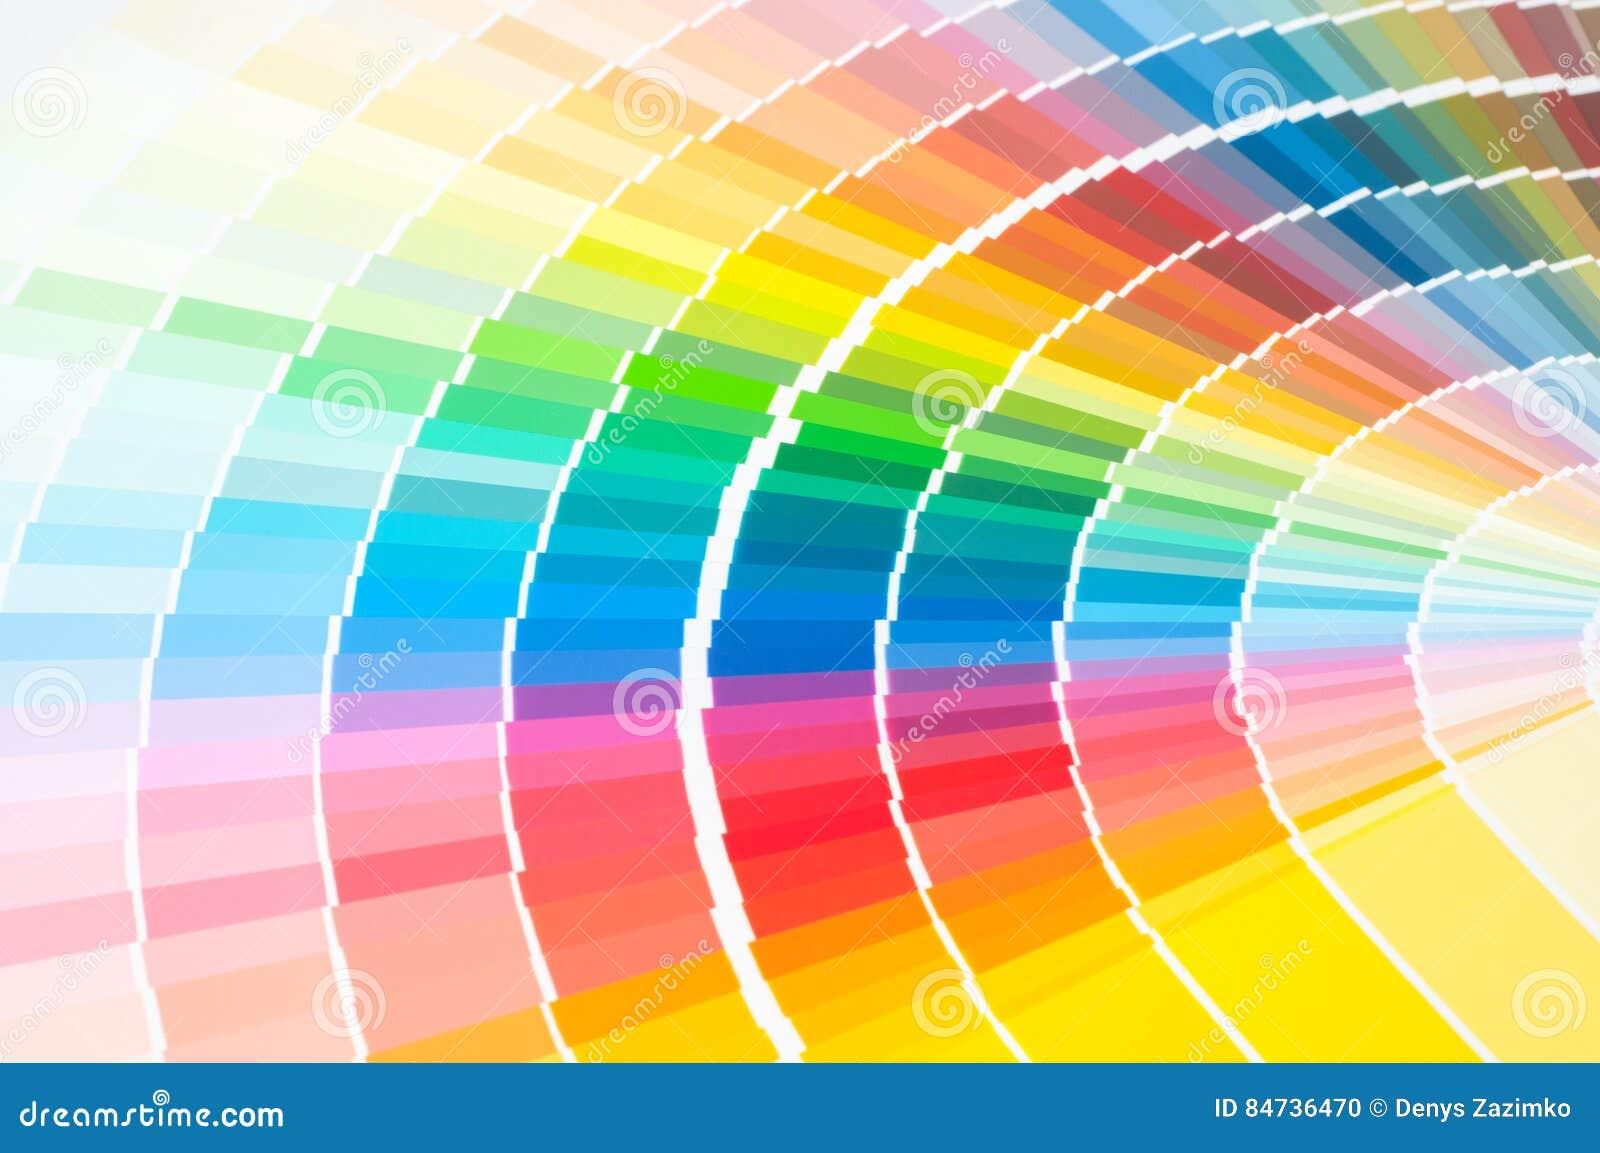 palette de couleurs guide de couleur chantillons de peinture catalogue de couleur photo. Black Bedroom Furniture Sets. Home Design Ideas